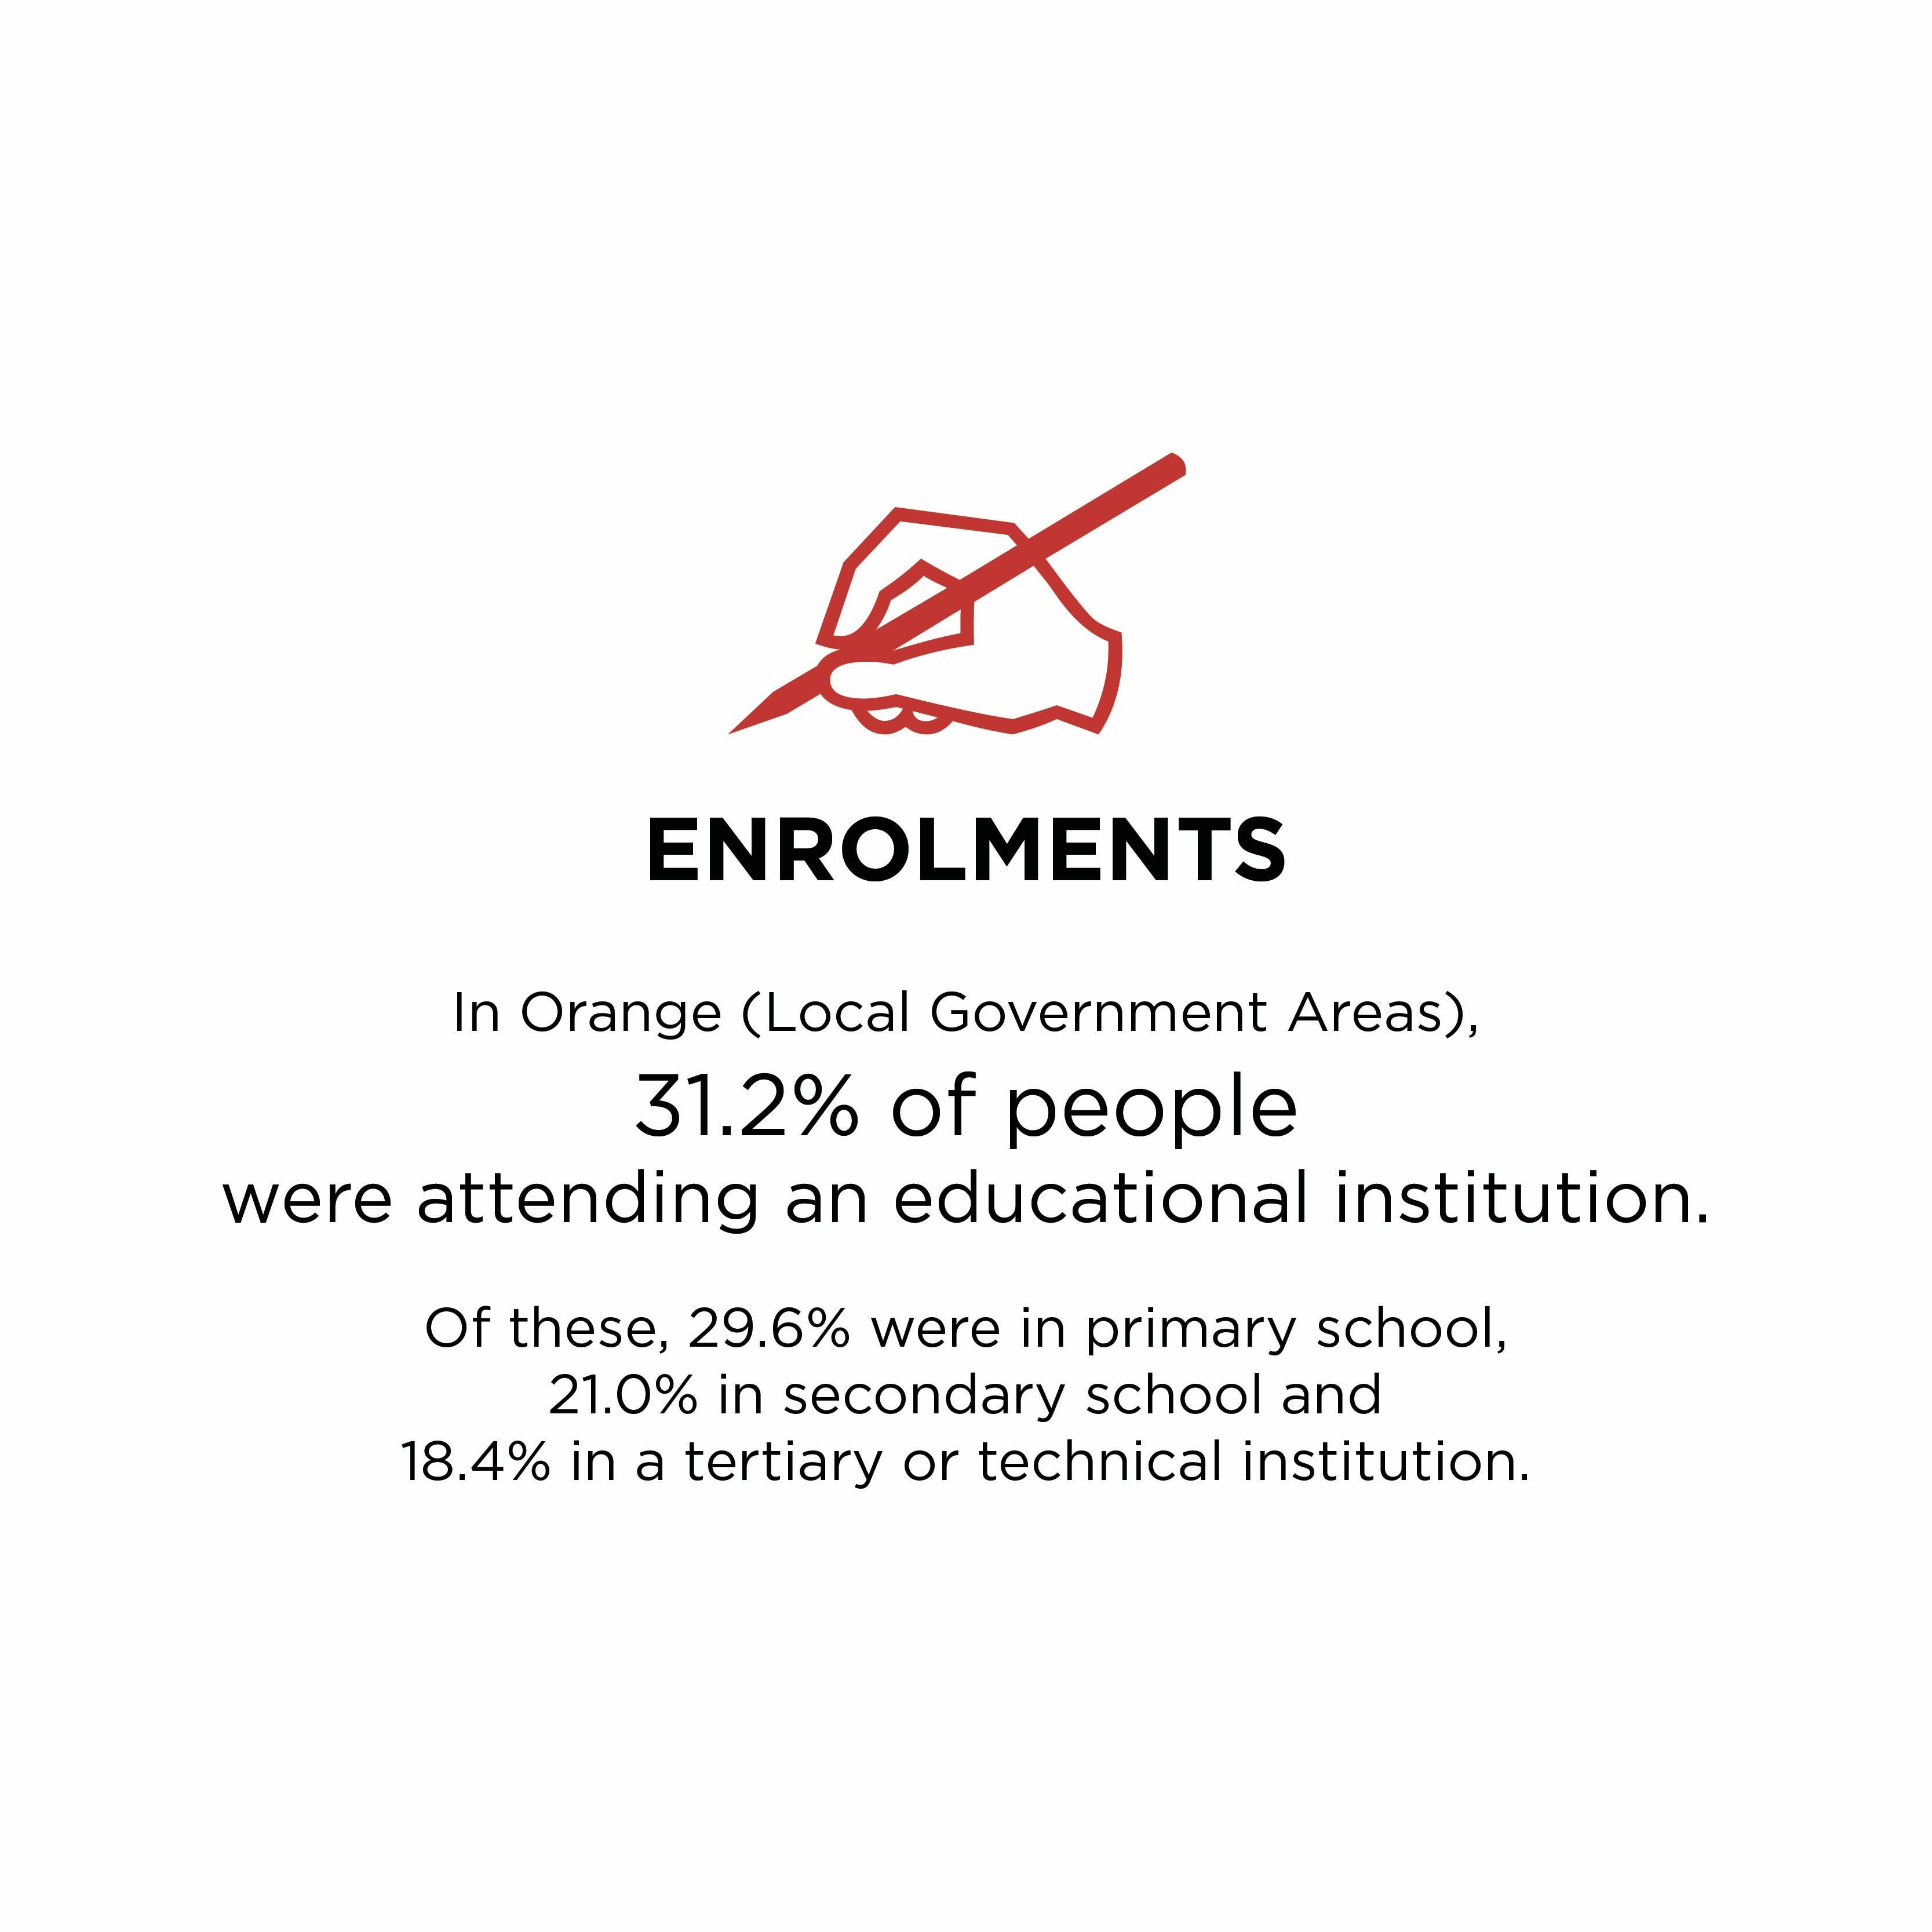 Census 2016 - enrollments